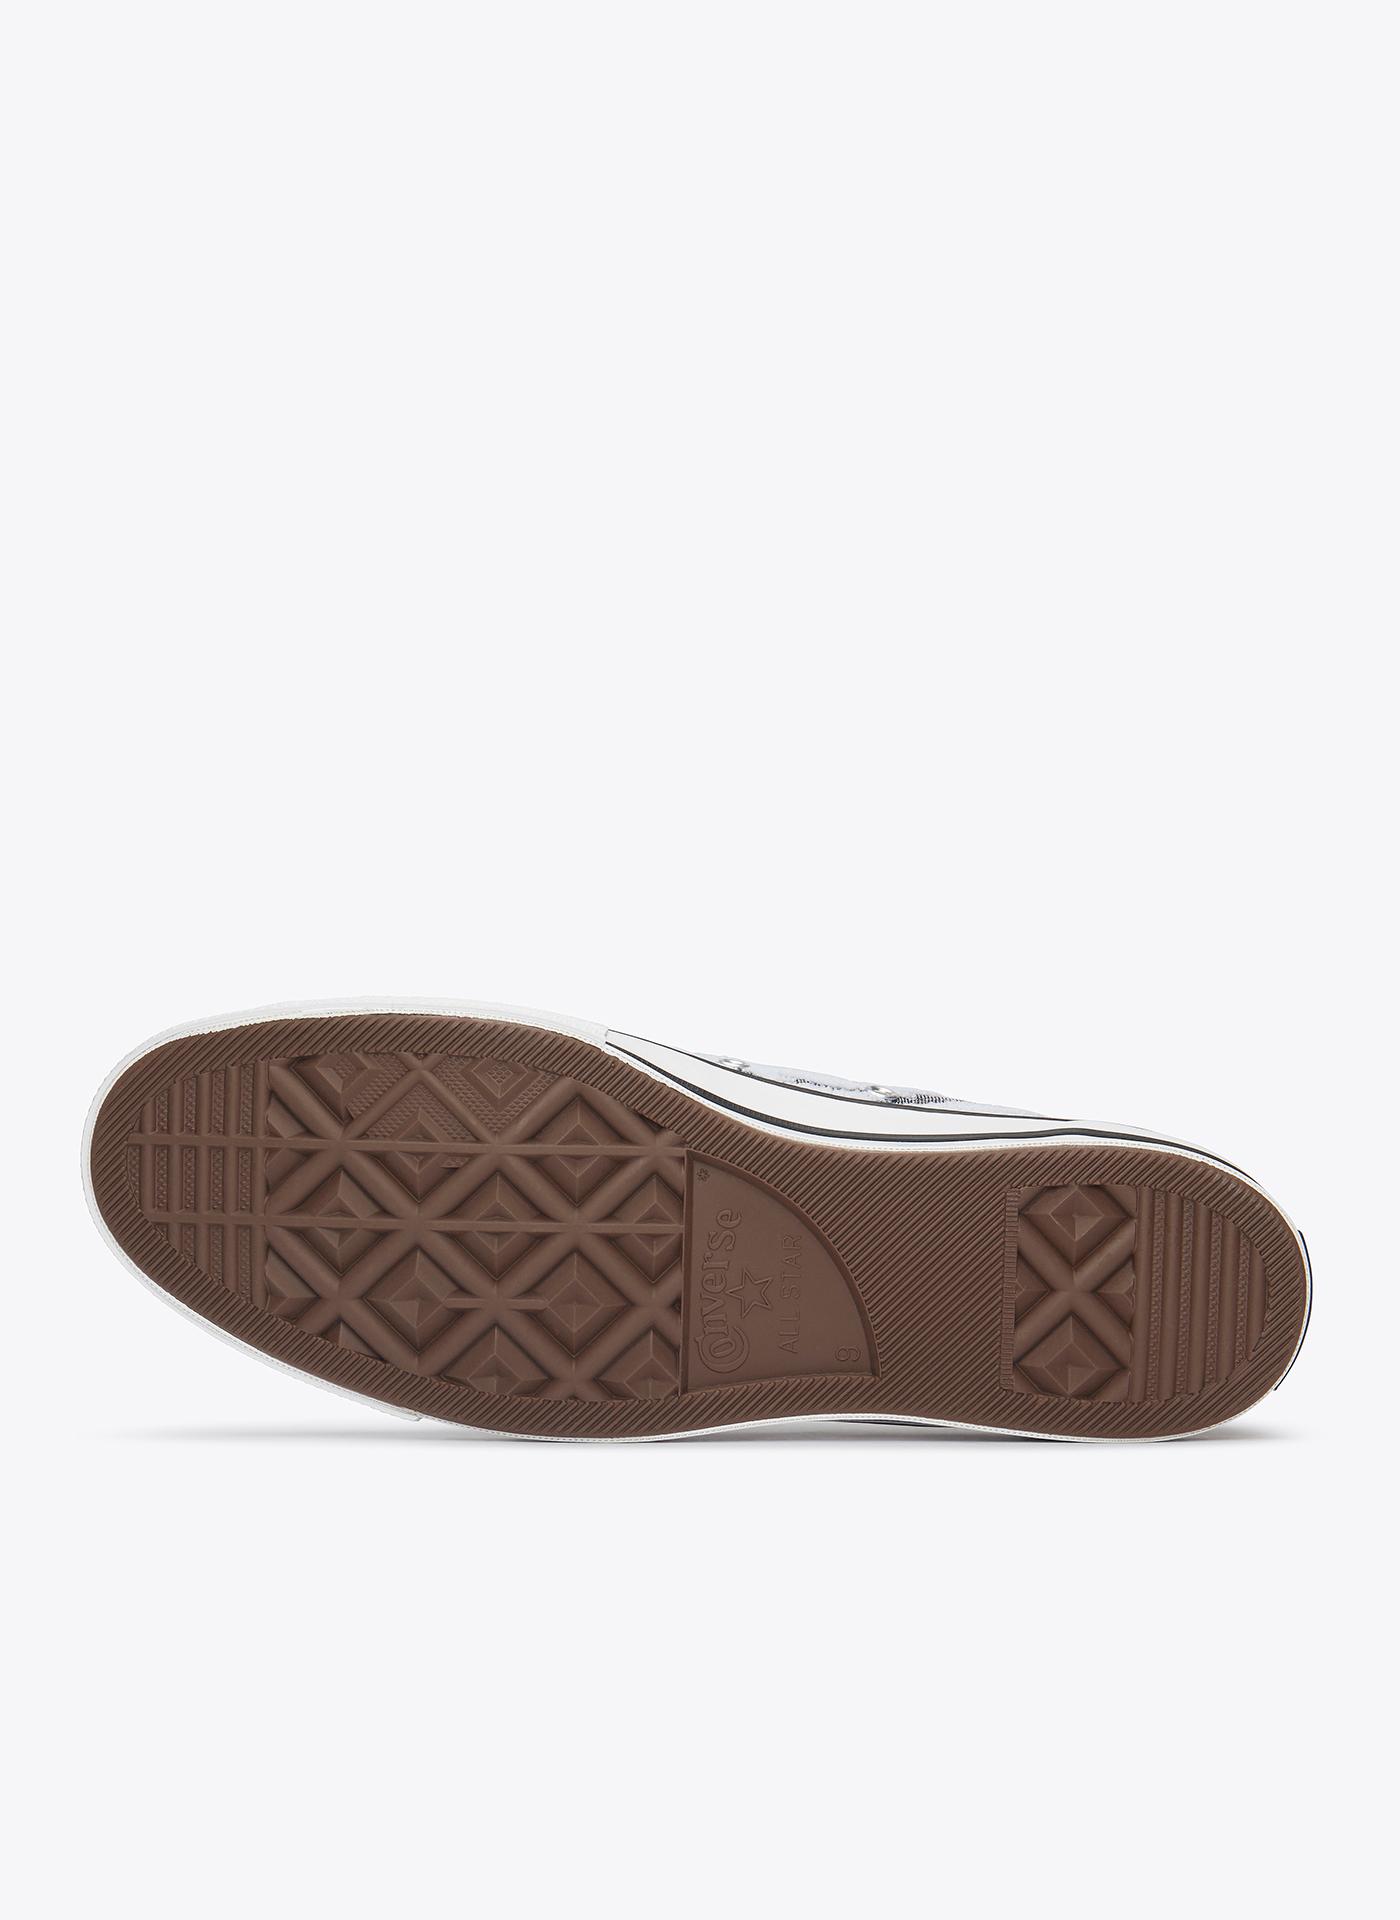 grey sneaker sole